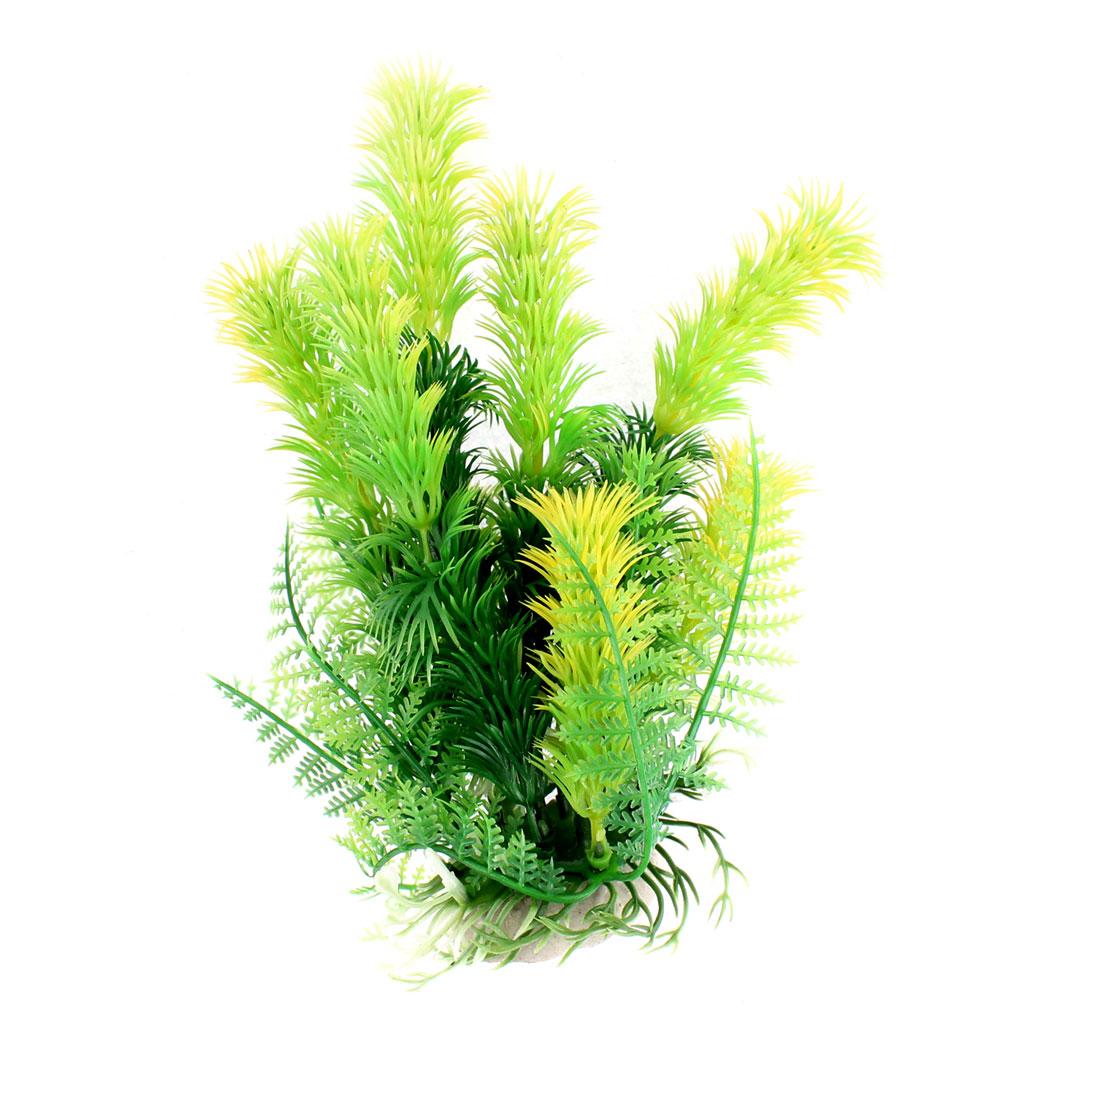 Aquarium Plastic Artificial Water Plant Ornament 18cm Height